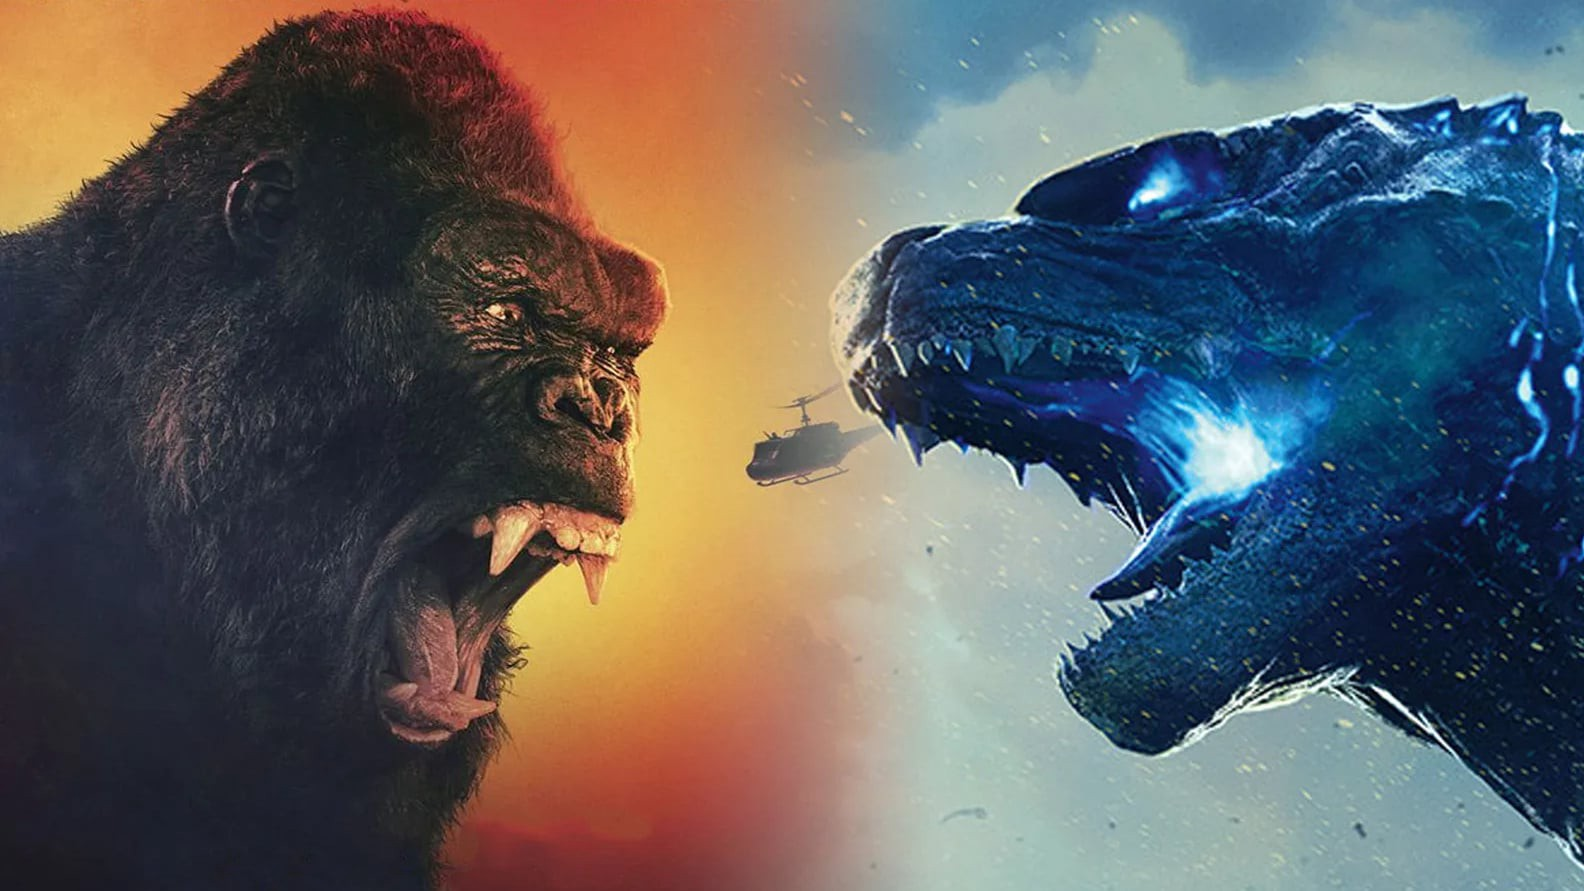 فیلم Godzilla vs. Kong که توسط آدام وینگارد کارگردانی شده، وقتی پای سکانس های نبرد به میان می آید بسیار جاه طلبانه است